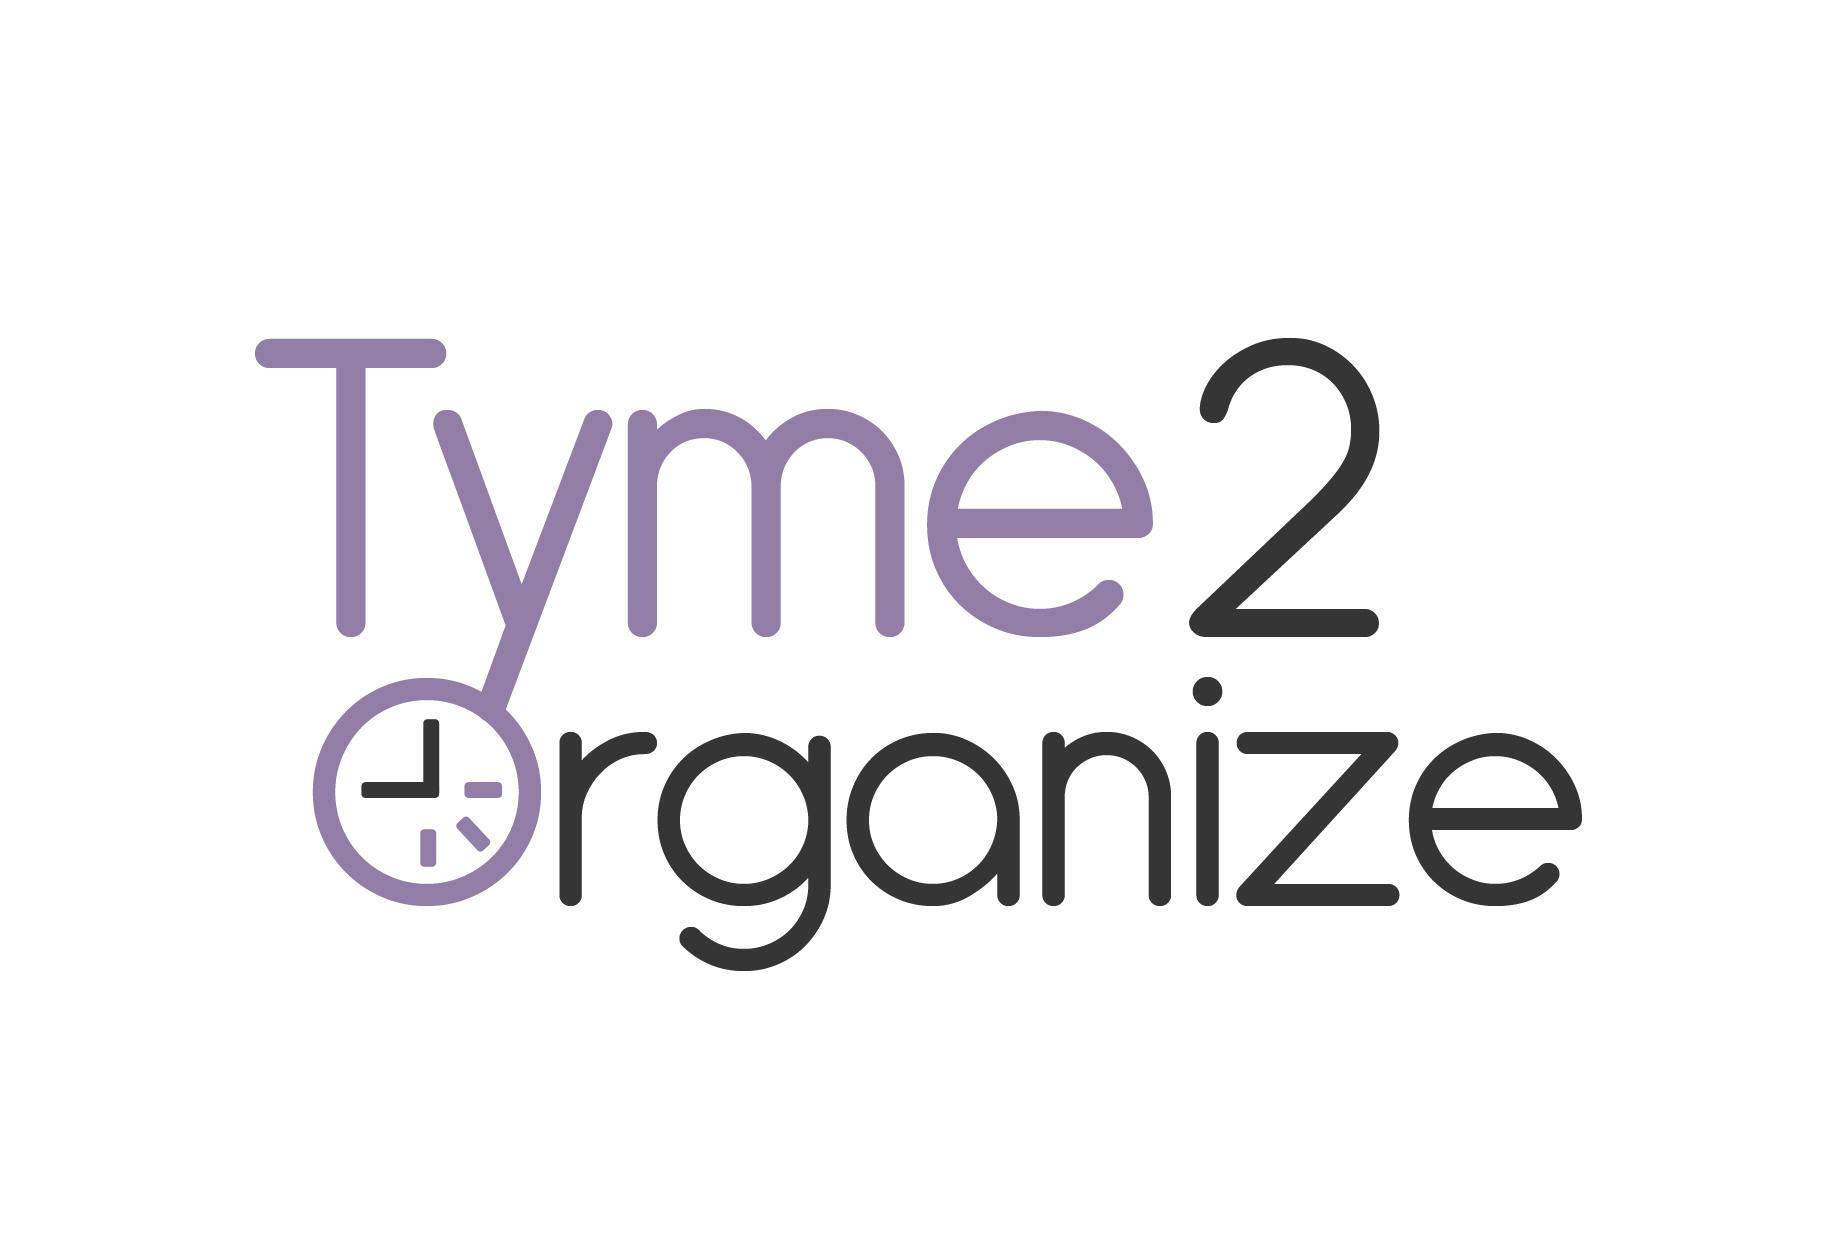 tyme2oranize-logo